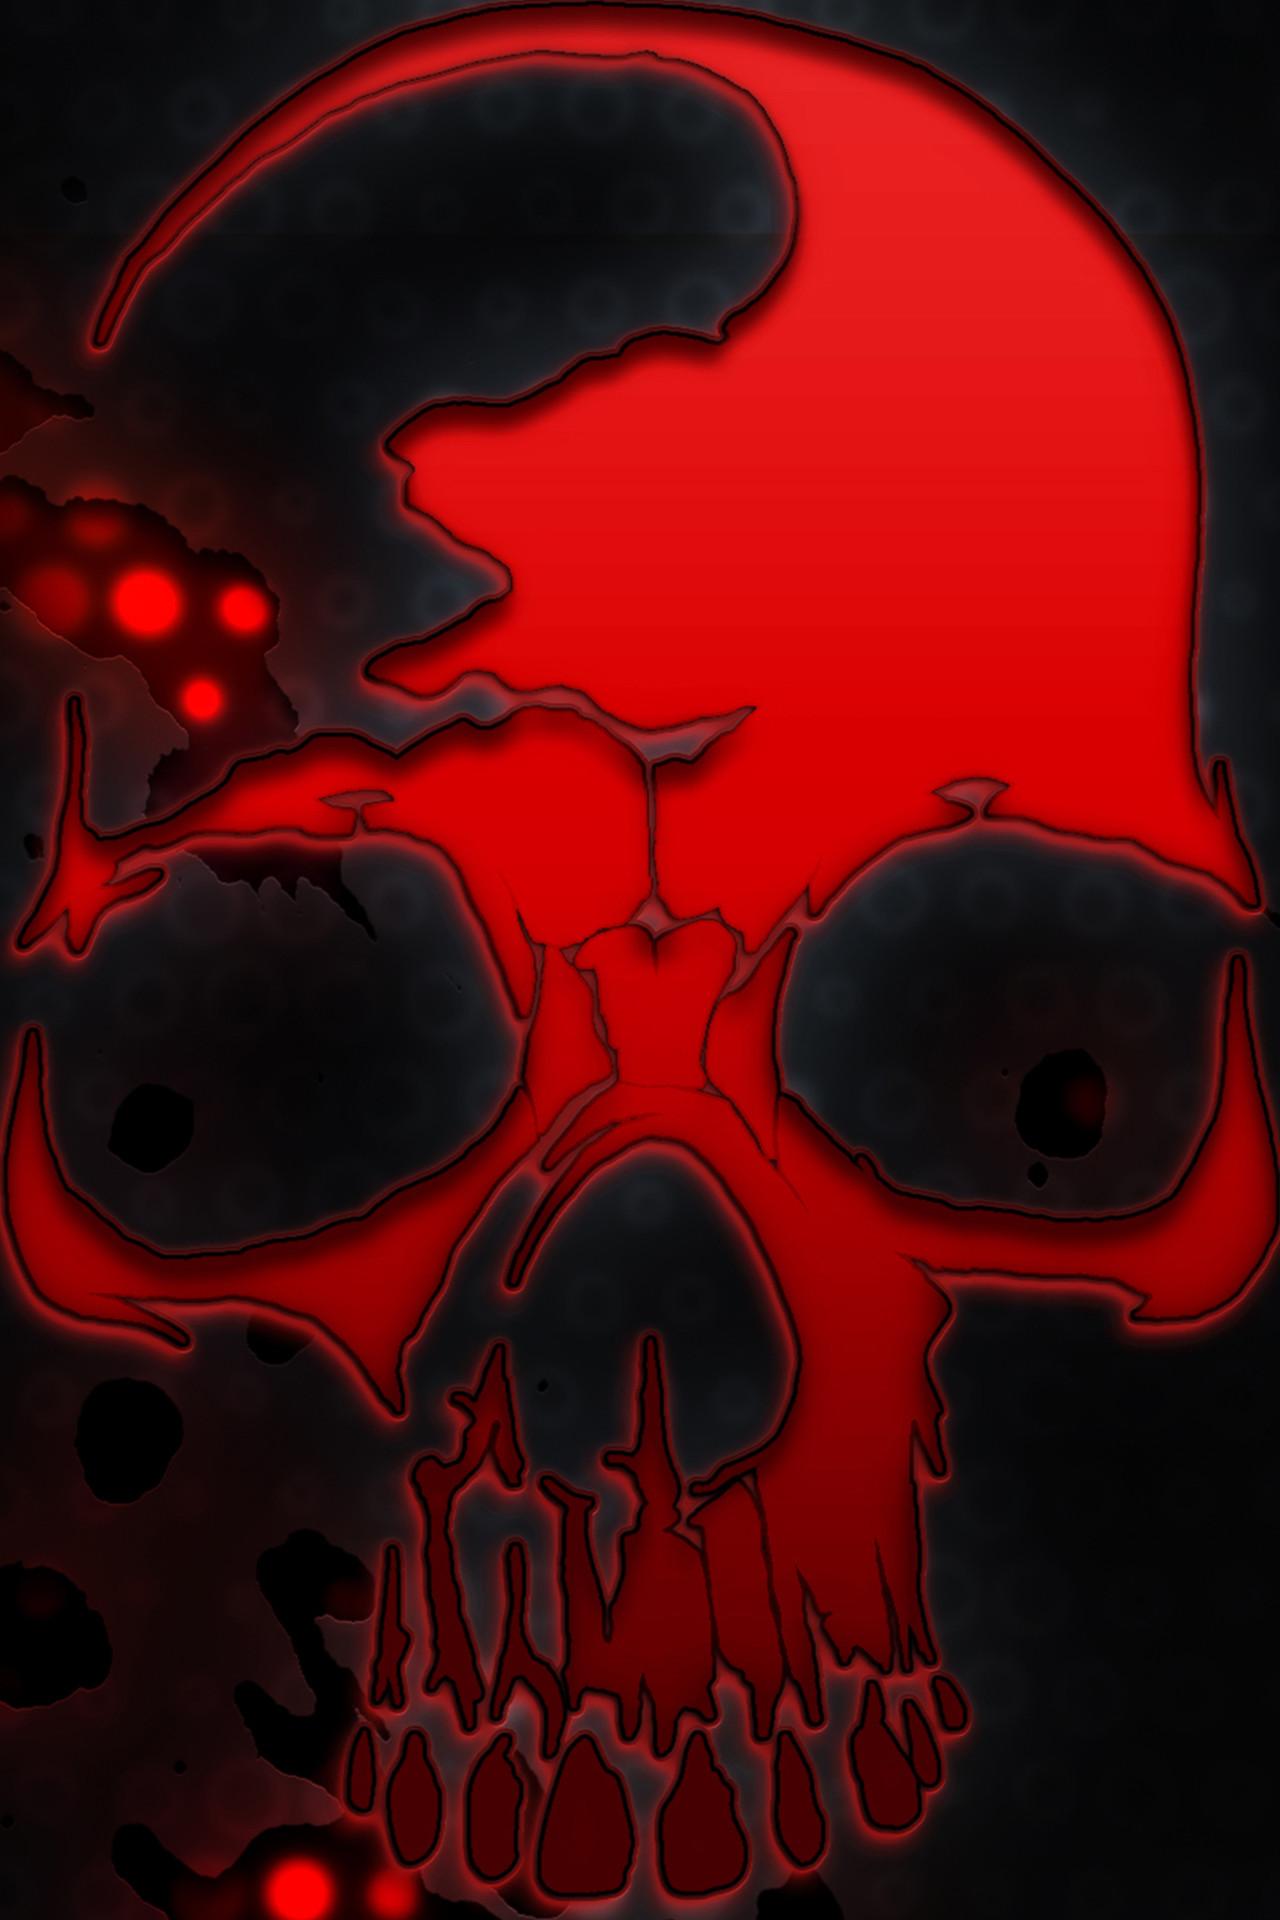 zombie-skull-wallpaper-hd-style2.jpg 28-Jul-2014